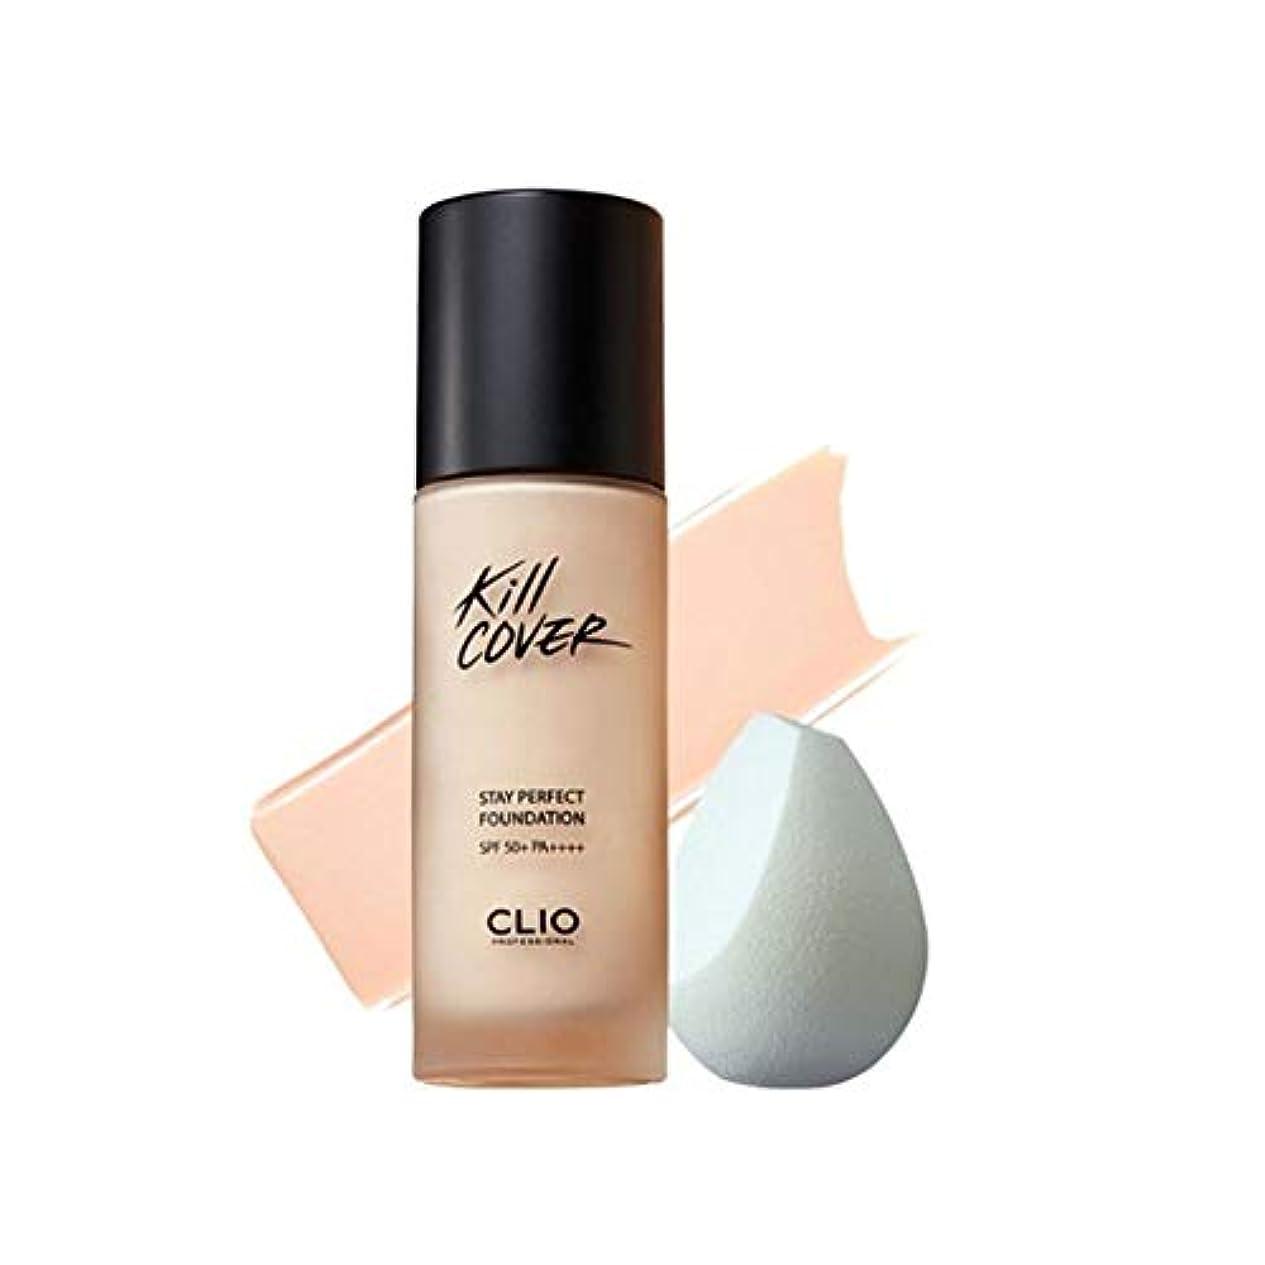 聴くメールグローバルクリオキルカバーステイパーフェクトファンデーション 35g 4カラー 韓国コスメ、Clio Kill Cover Stay Perfect Foundation 35g 4 Colors Korean Cosmetics...